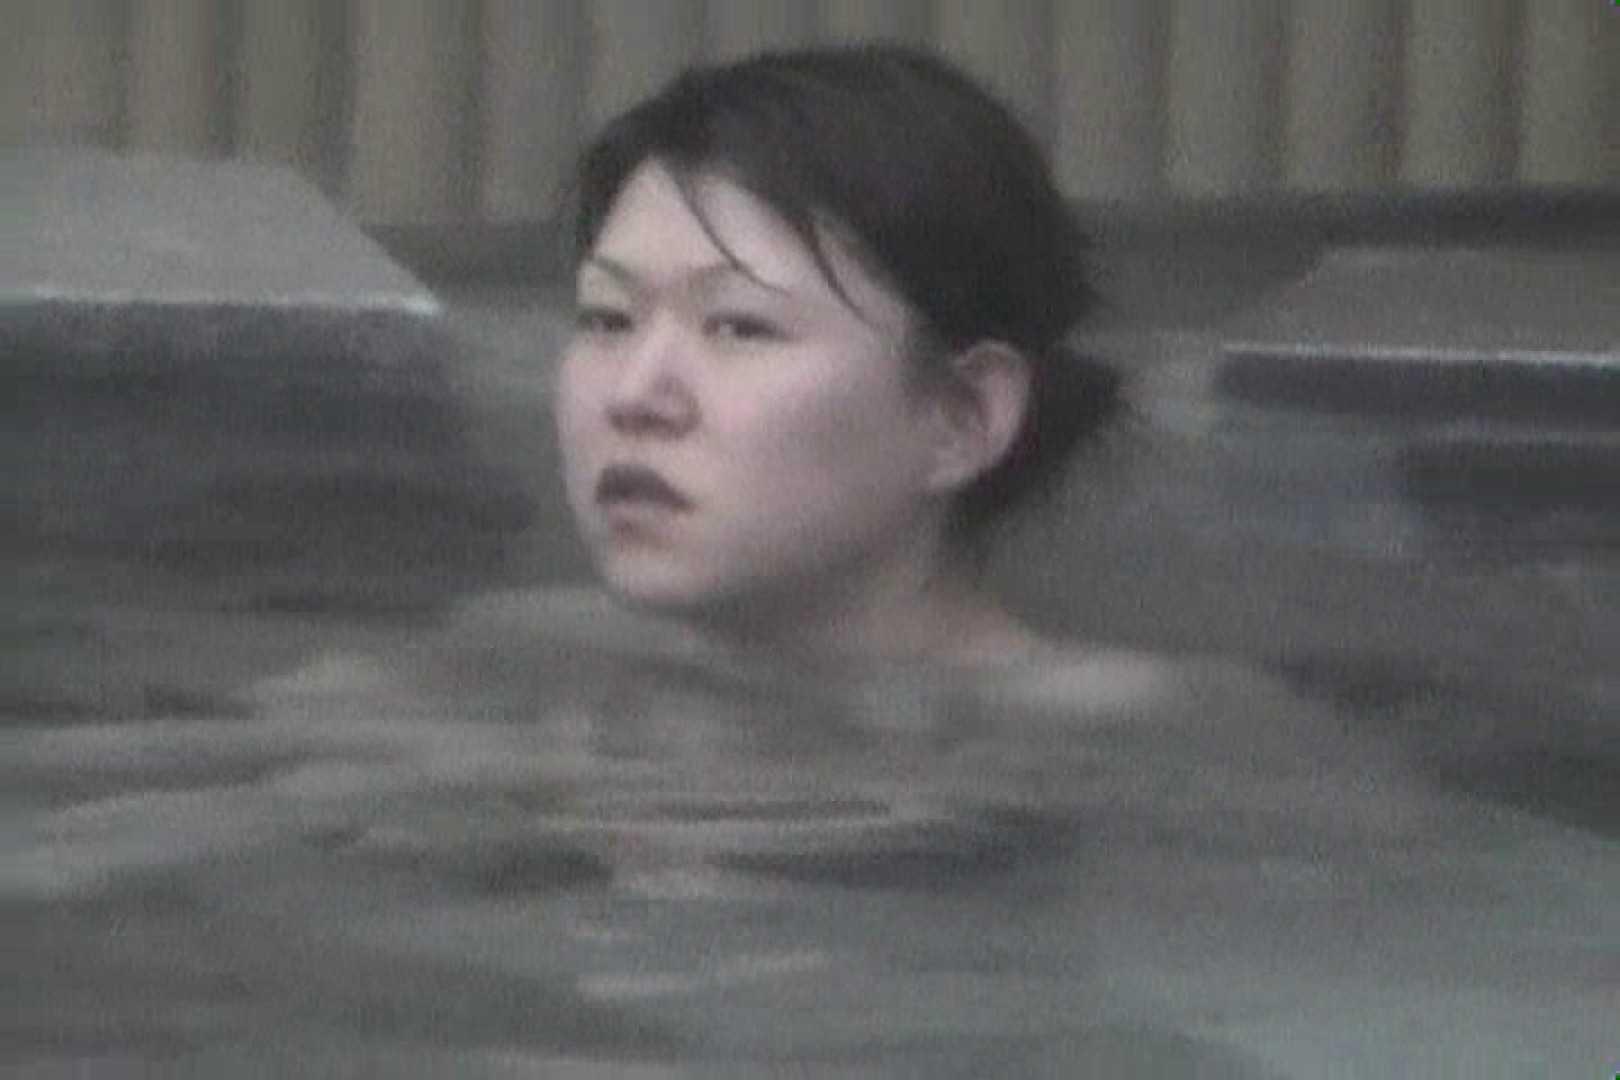 Aquaな露天風呂Vol.555 盗撮  89枚 45